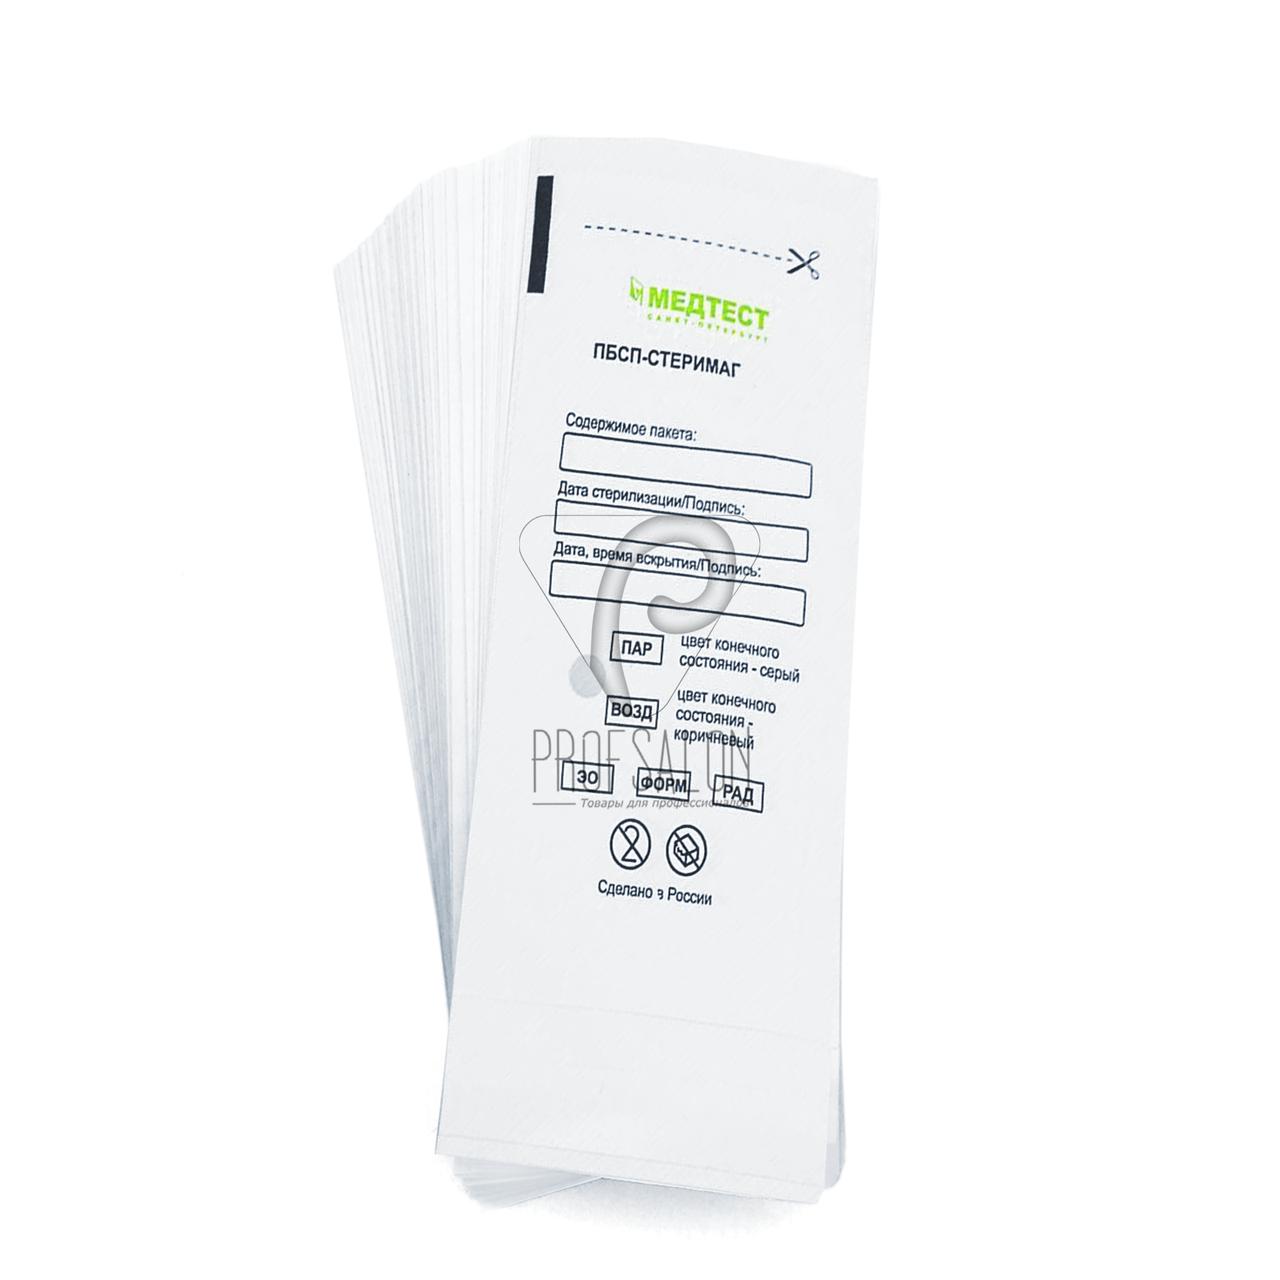 Крафт пакеты 50х170 (белые) для стерилизации Медтест для мелких инструментов, для паровой, воздушной, 100 шт